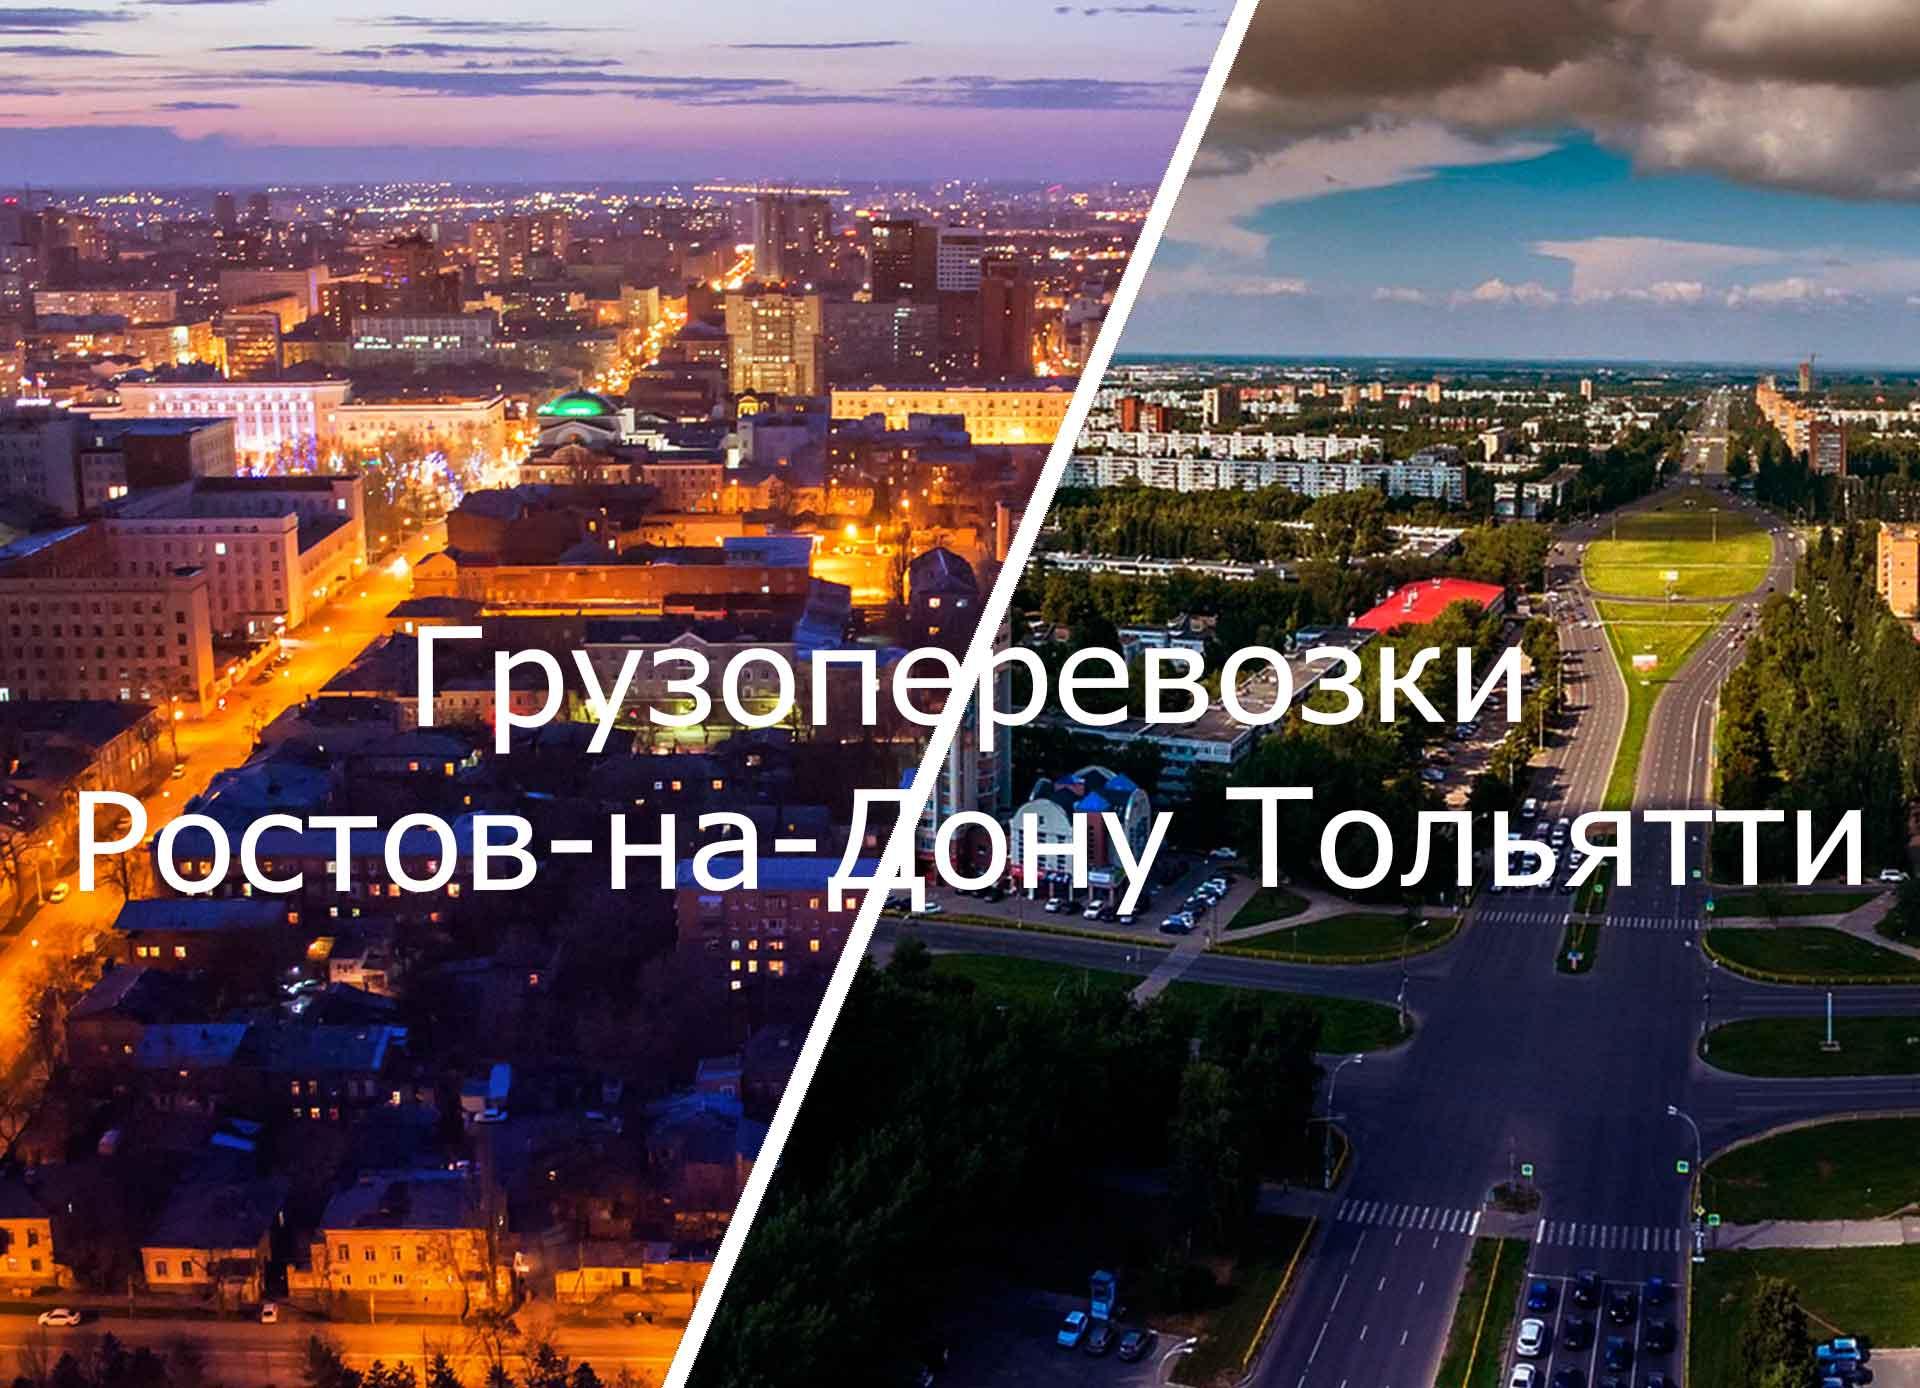 грузоперевозки ростов на дону тольятти